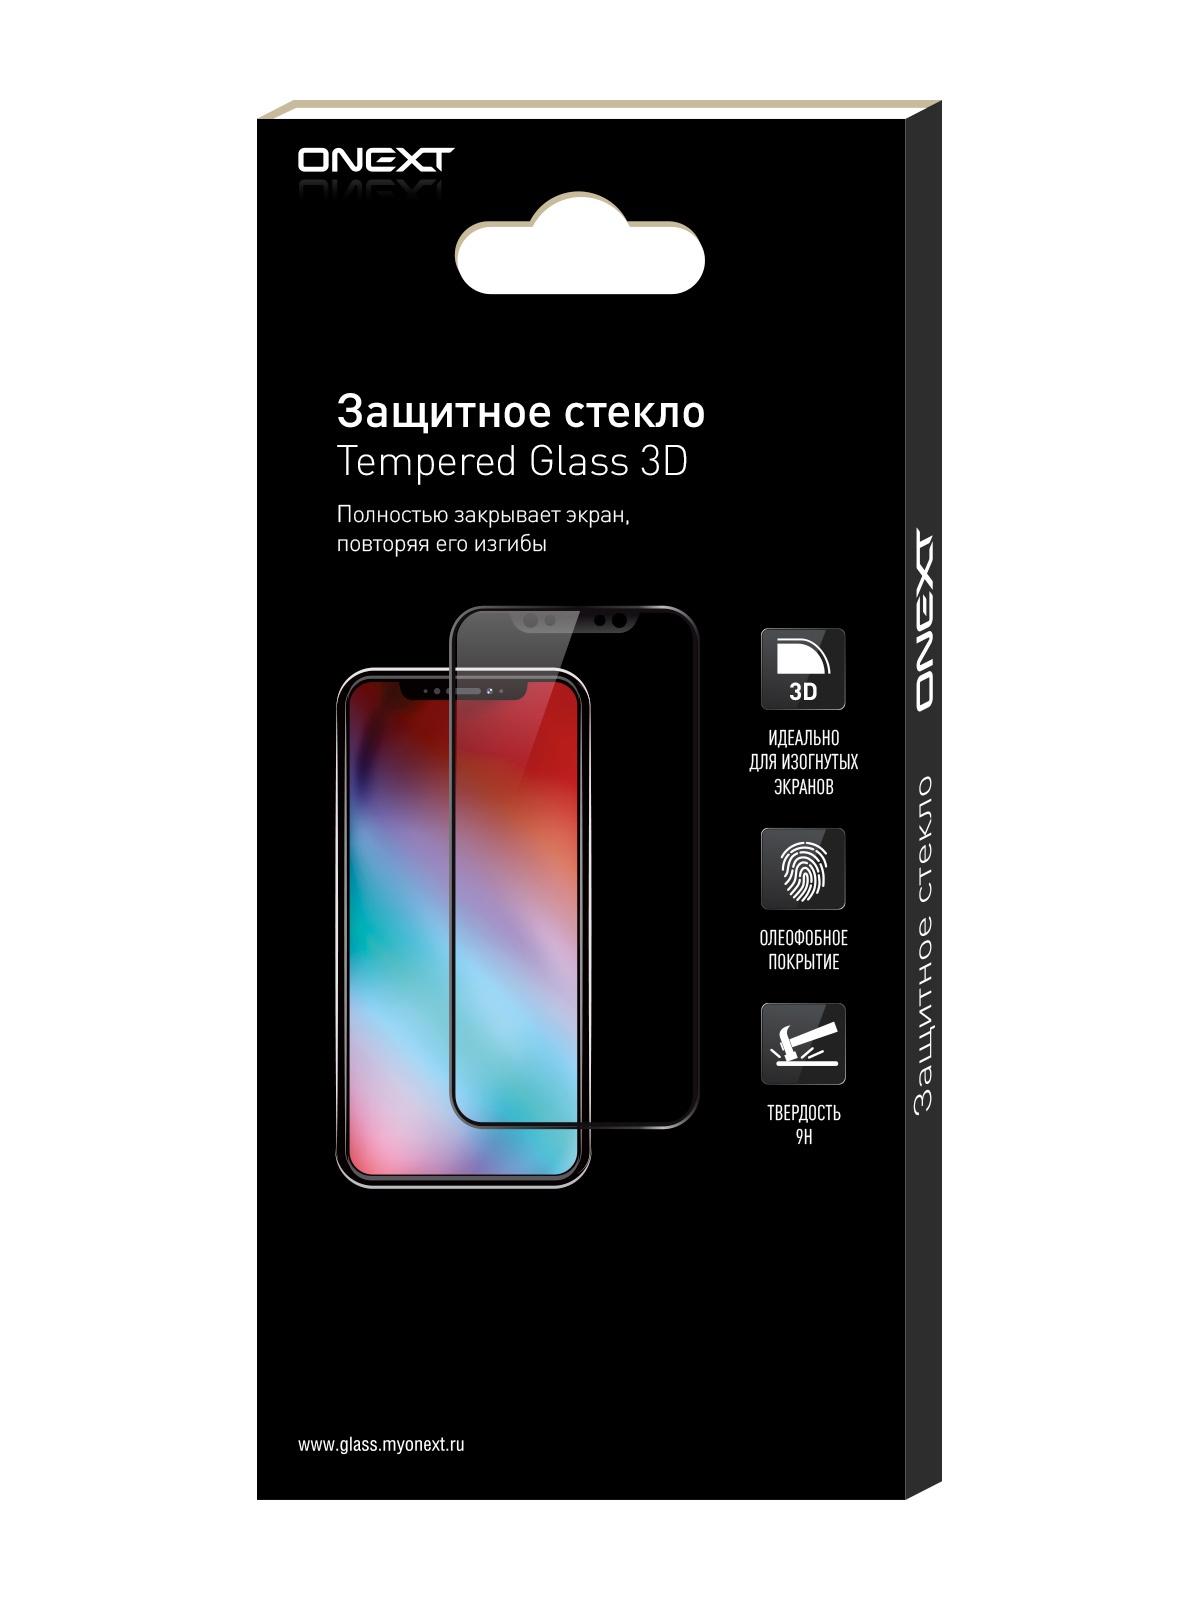 Защитное стекло ONEXT iPhone 8 Plus 3D защитное стекло onext для iphone 7